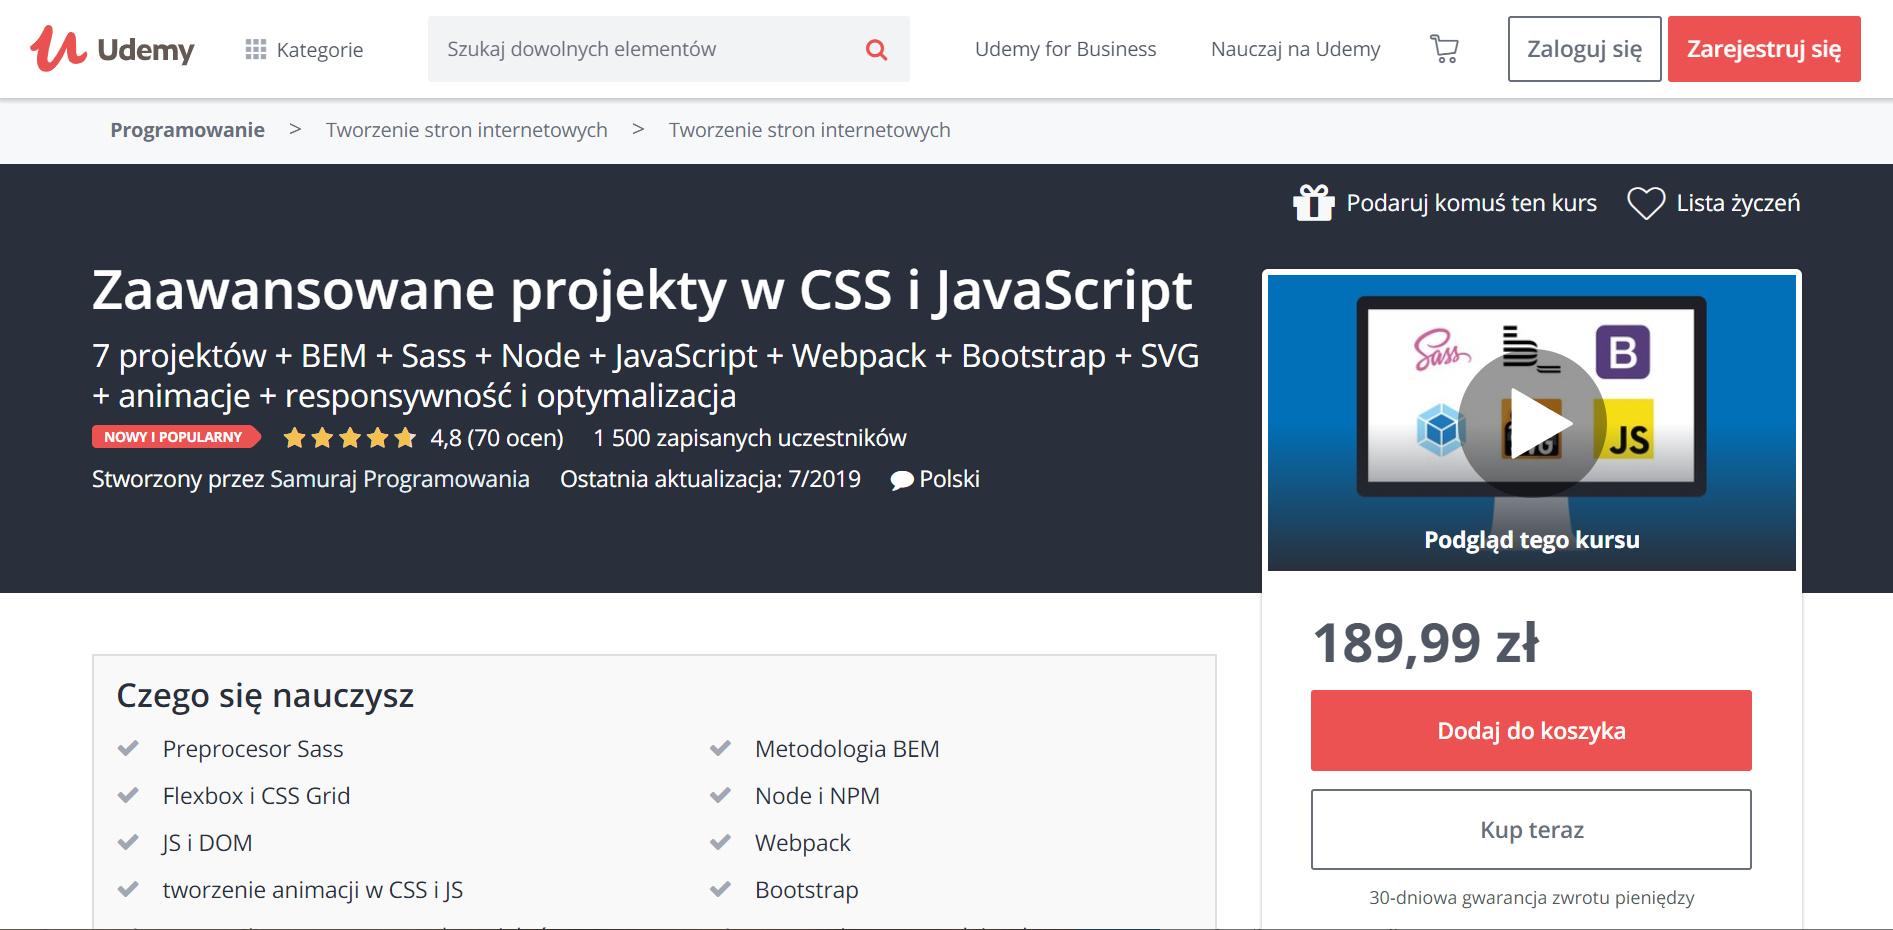 Udemy - zaawansowane projekty w CSS i JavaScript